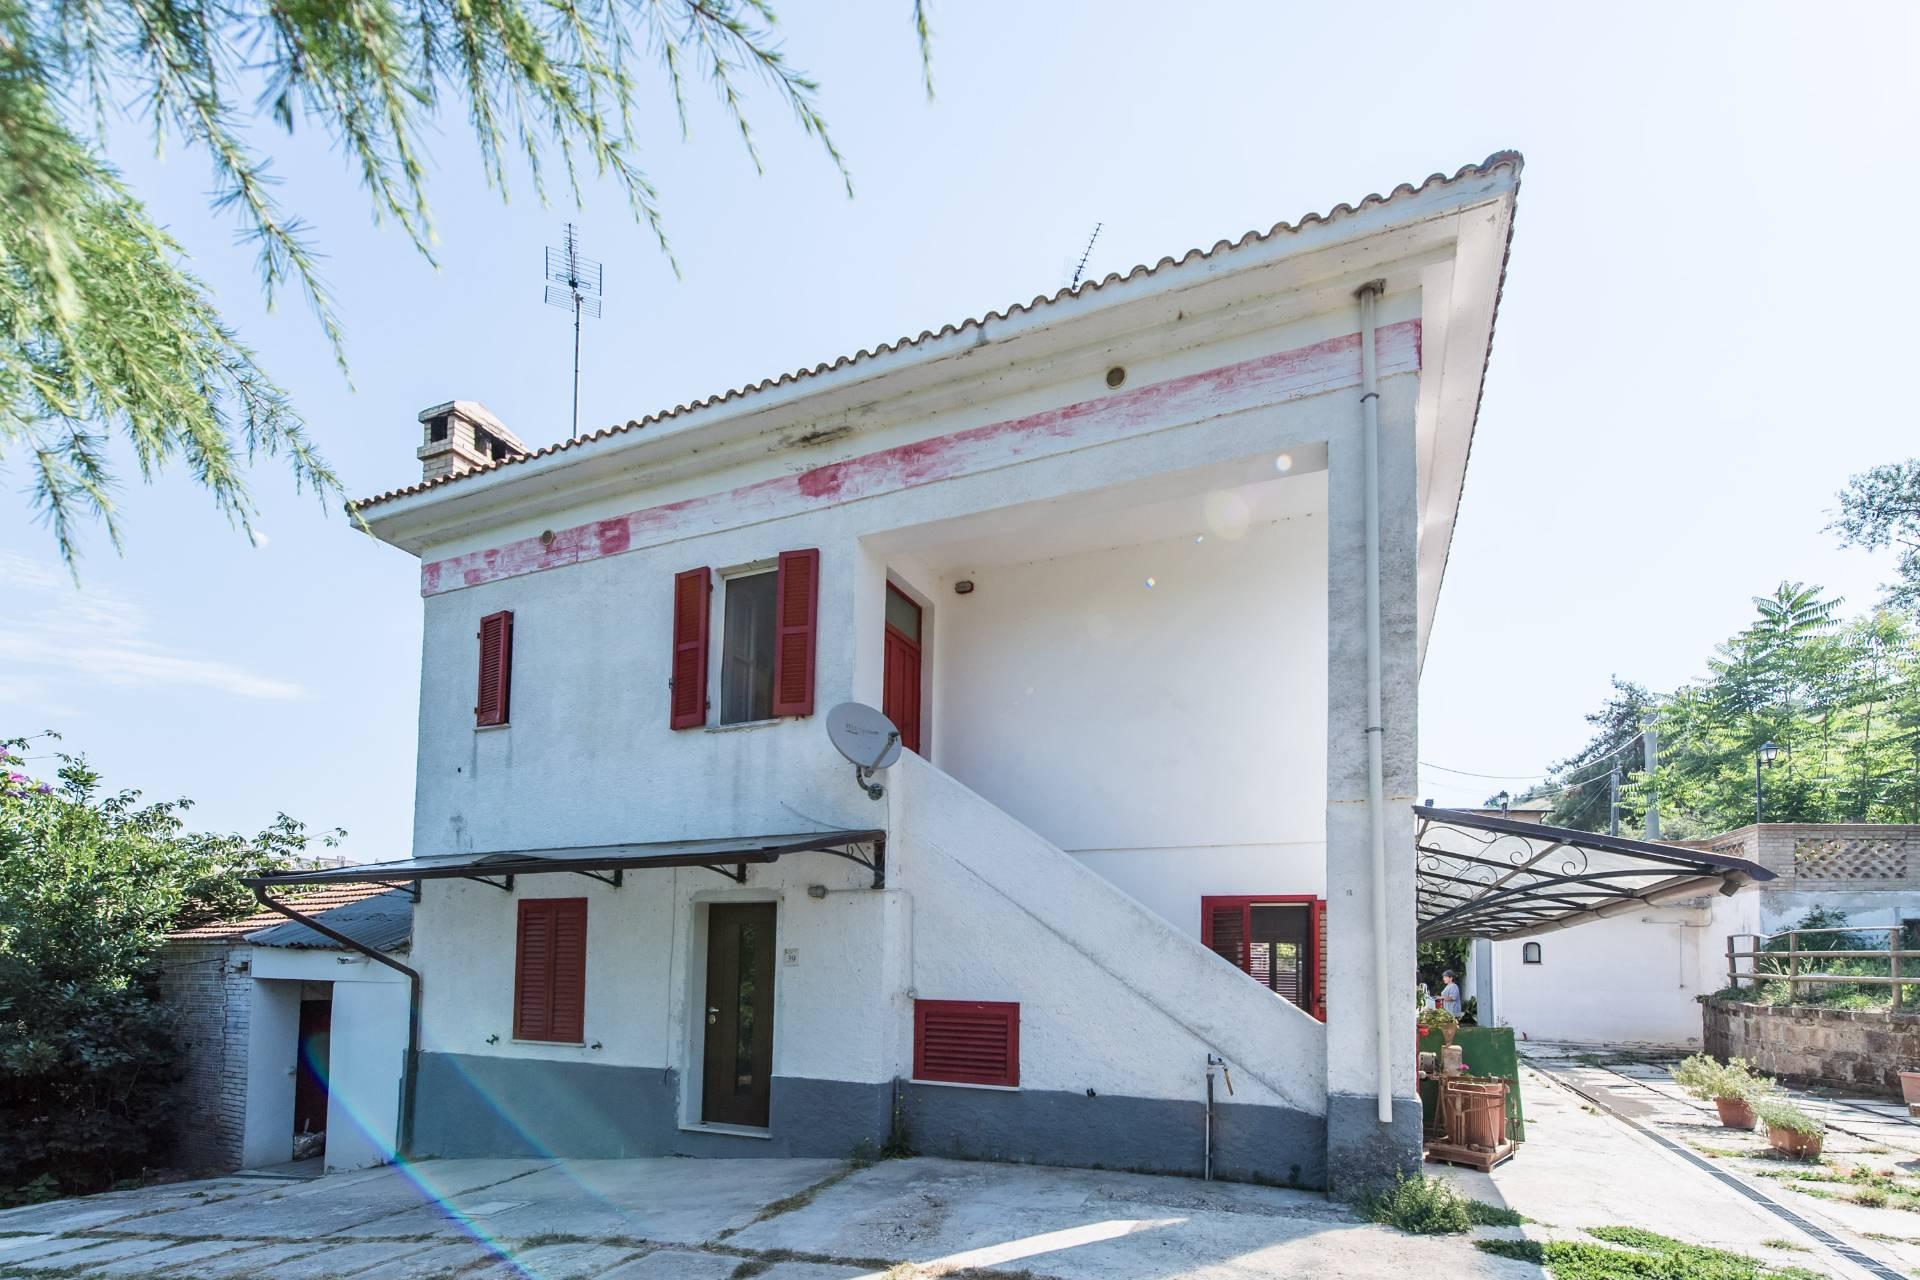 Soluzione Indipendente in vendita a Bucchianico, 9 locali, prezzo € 188.000 | CambioCasa.it